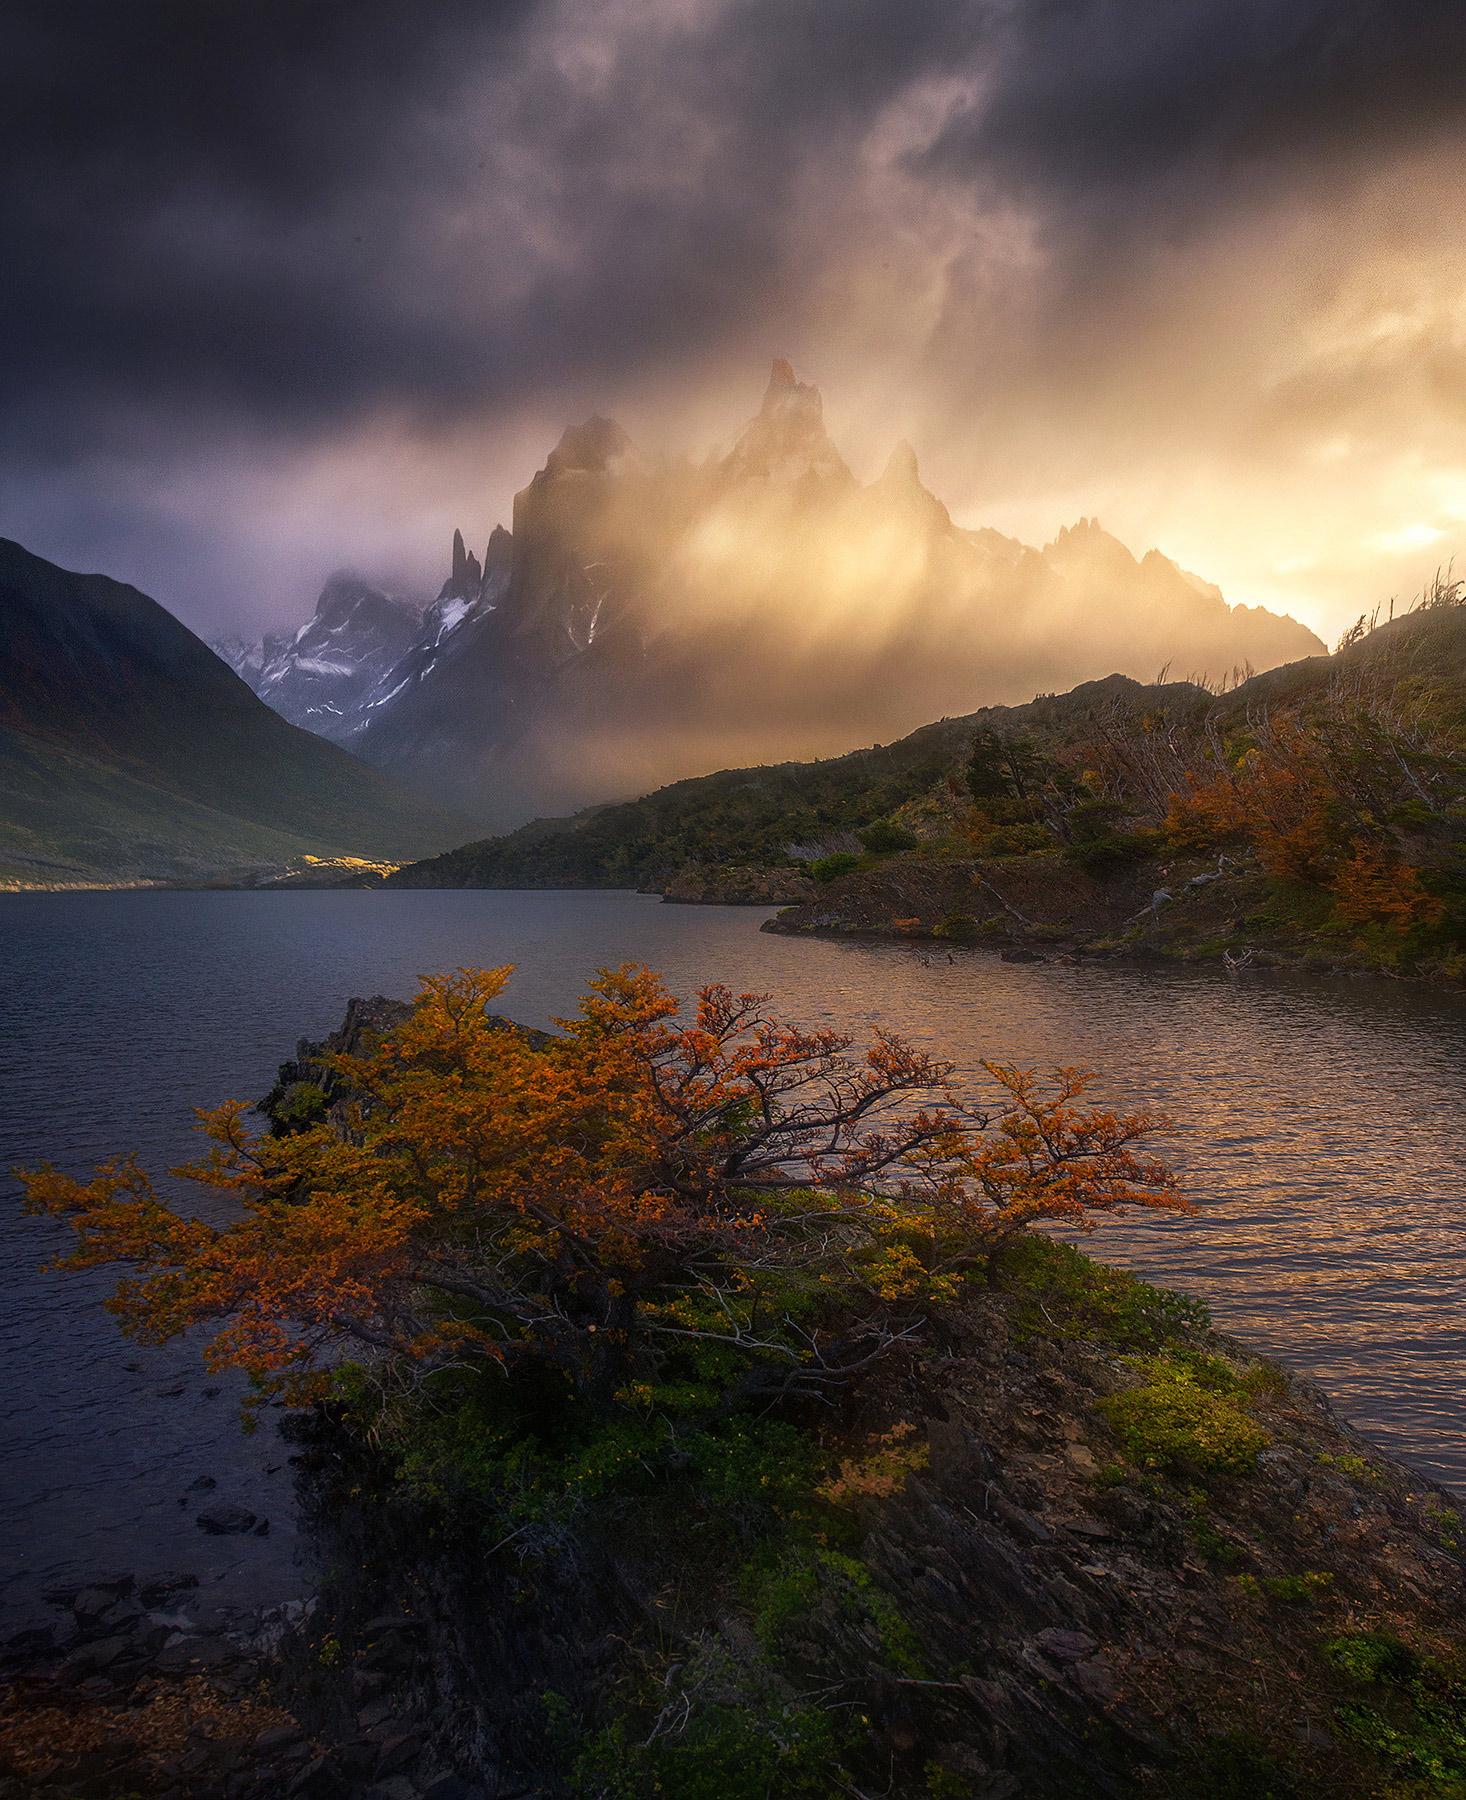 rain, sunrise, beams, autumn, Chile, Torres del Paine, photo